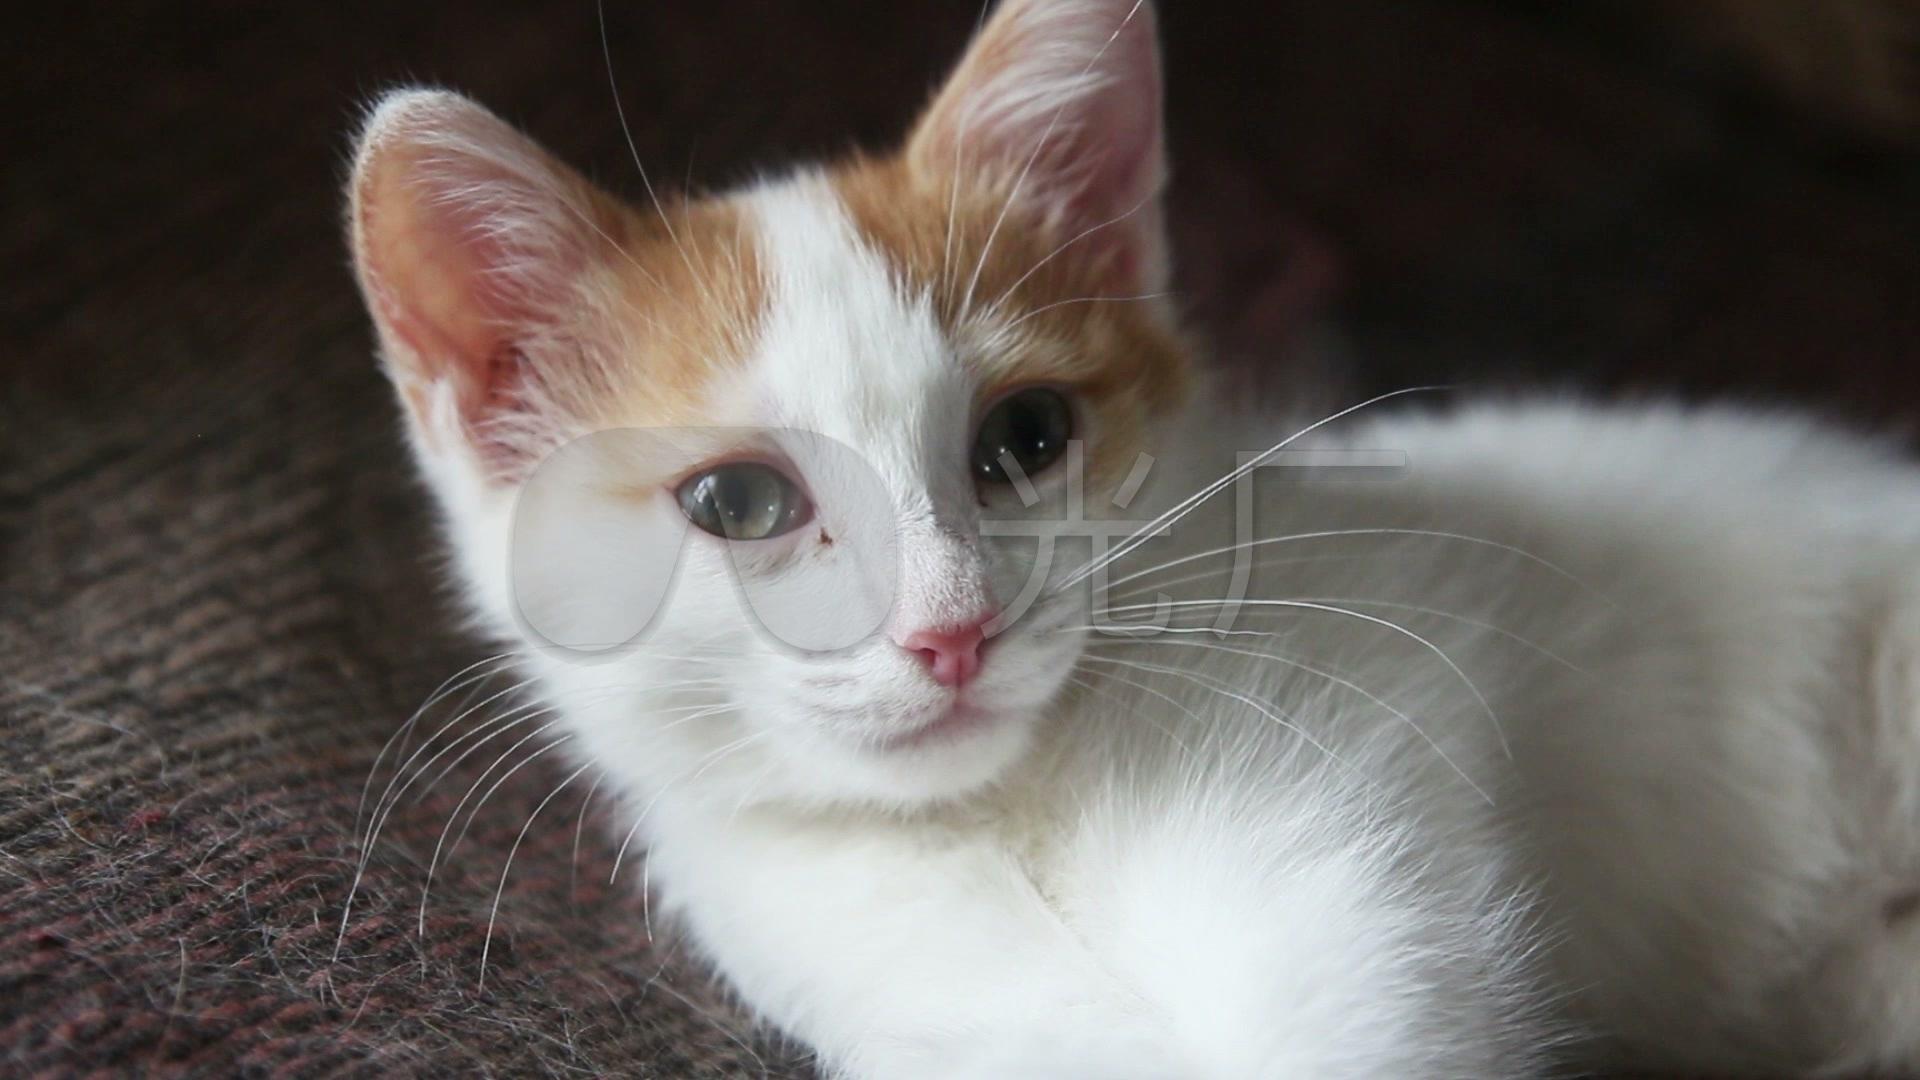 可爱小猫猫_1920x1080_高清视频素材下载(编号:)_实拍